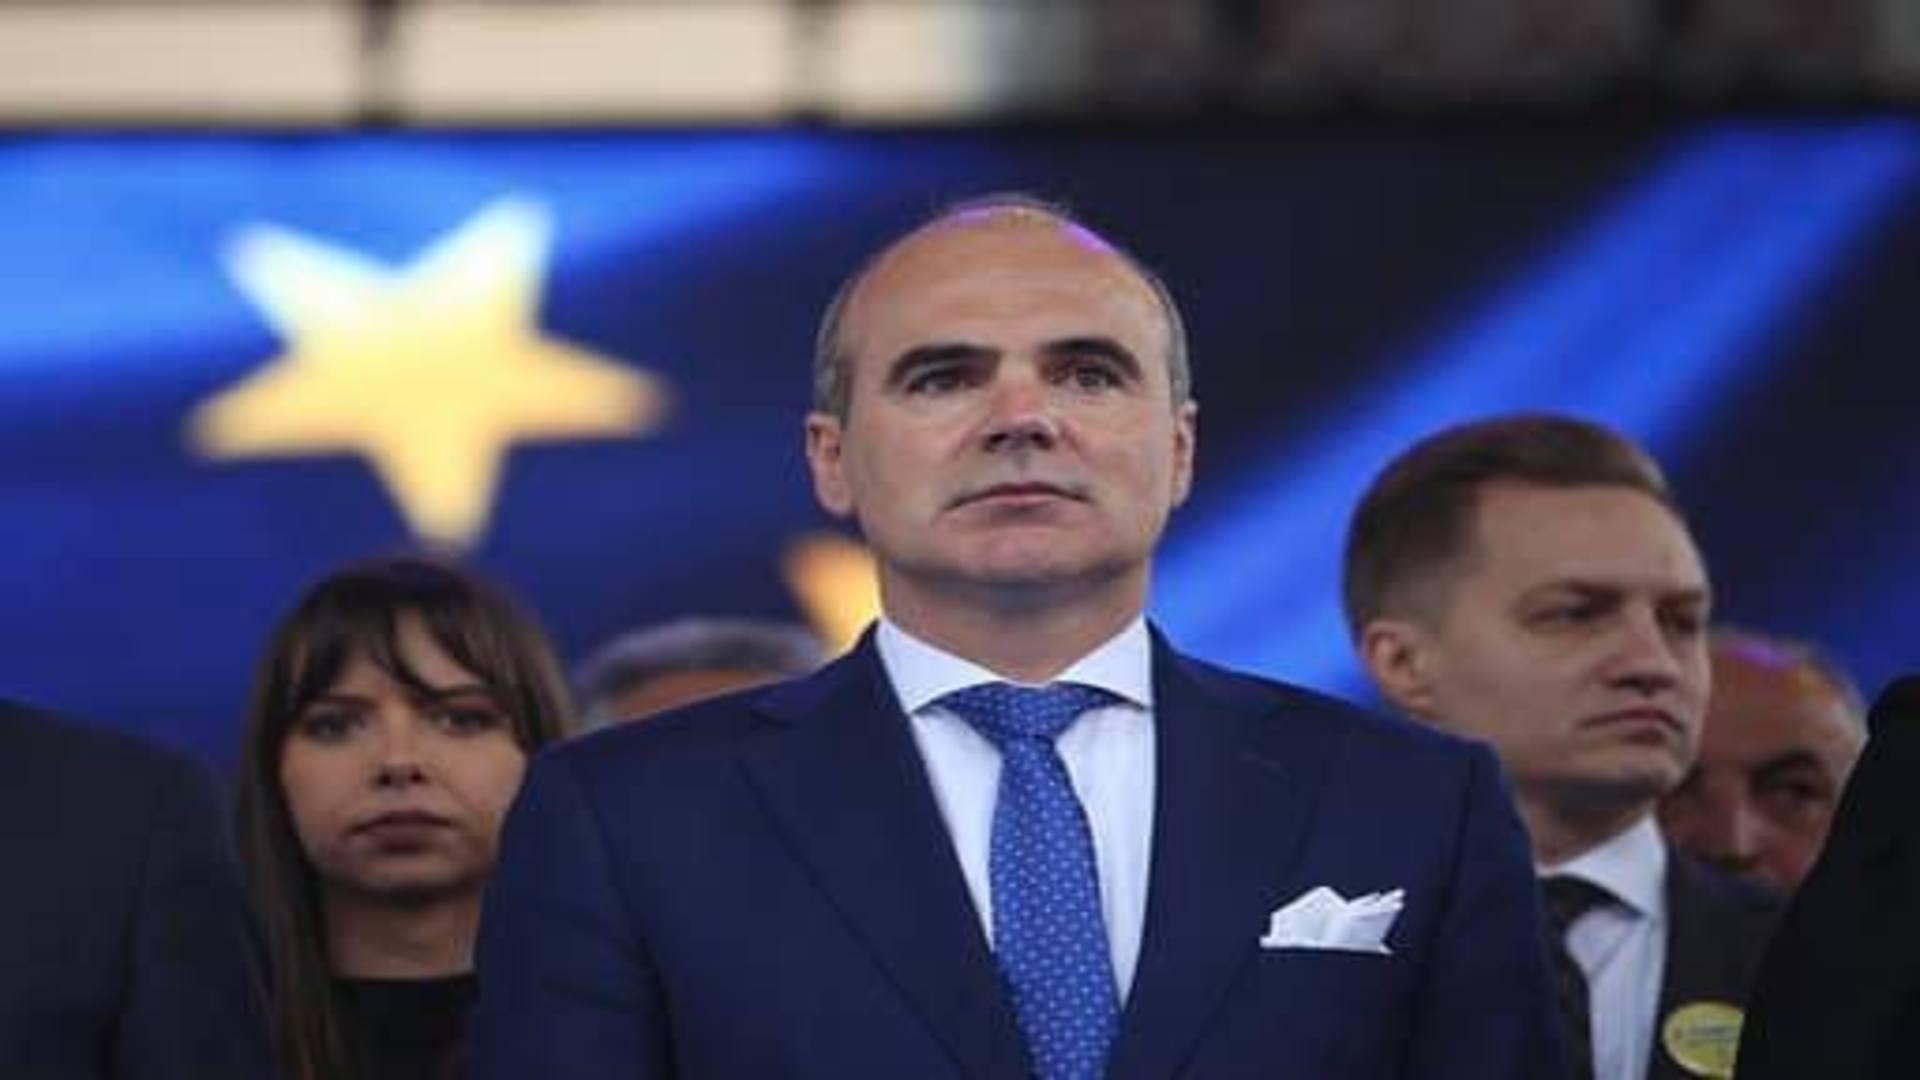 Europarlamentarul PNL, Rareș Bogdan, petrecere împotriva legii. A aniversat ziua fiicei cu peste 100 de persoane